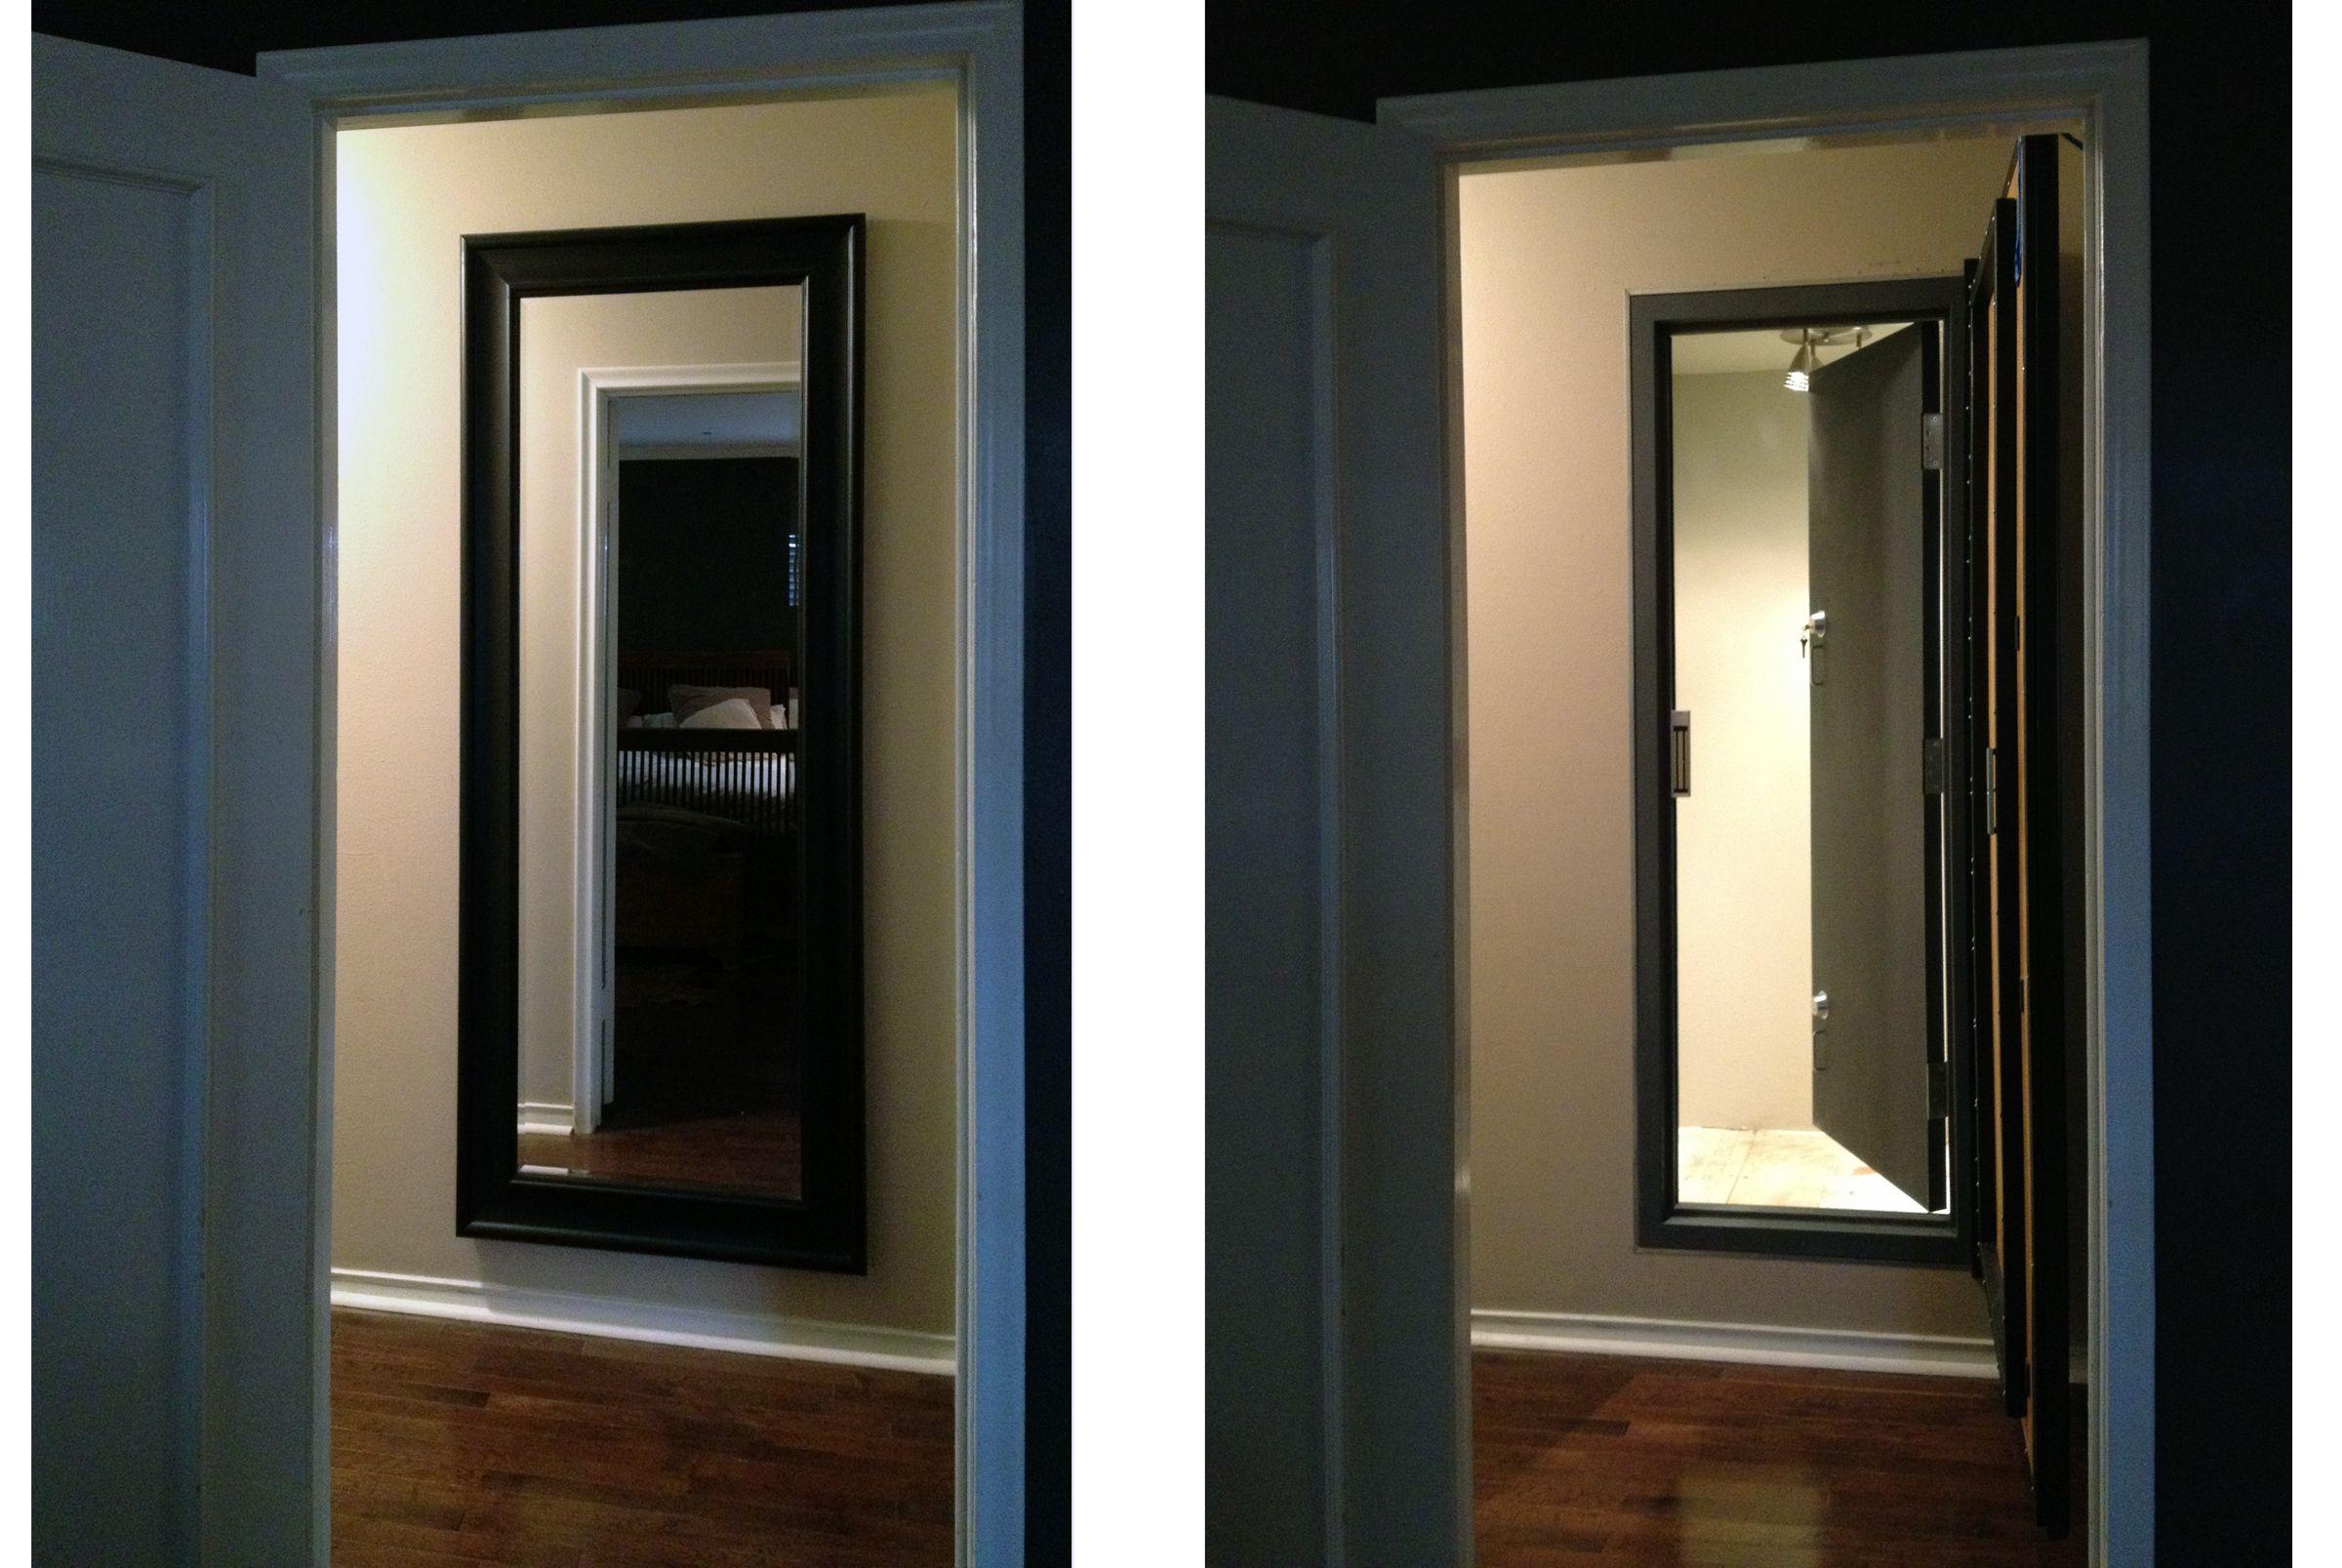 HiddenSafeRoomDoor Hidden safe room with door